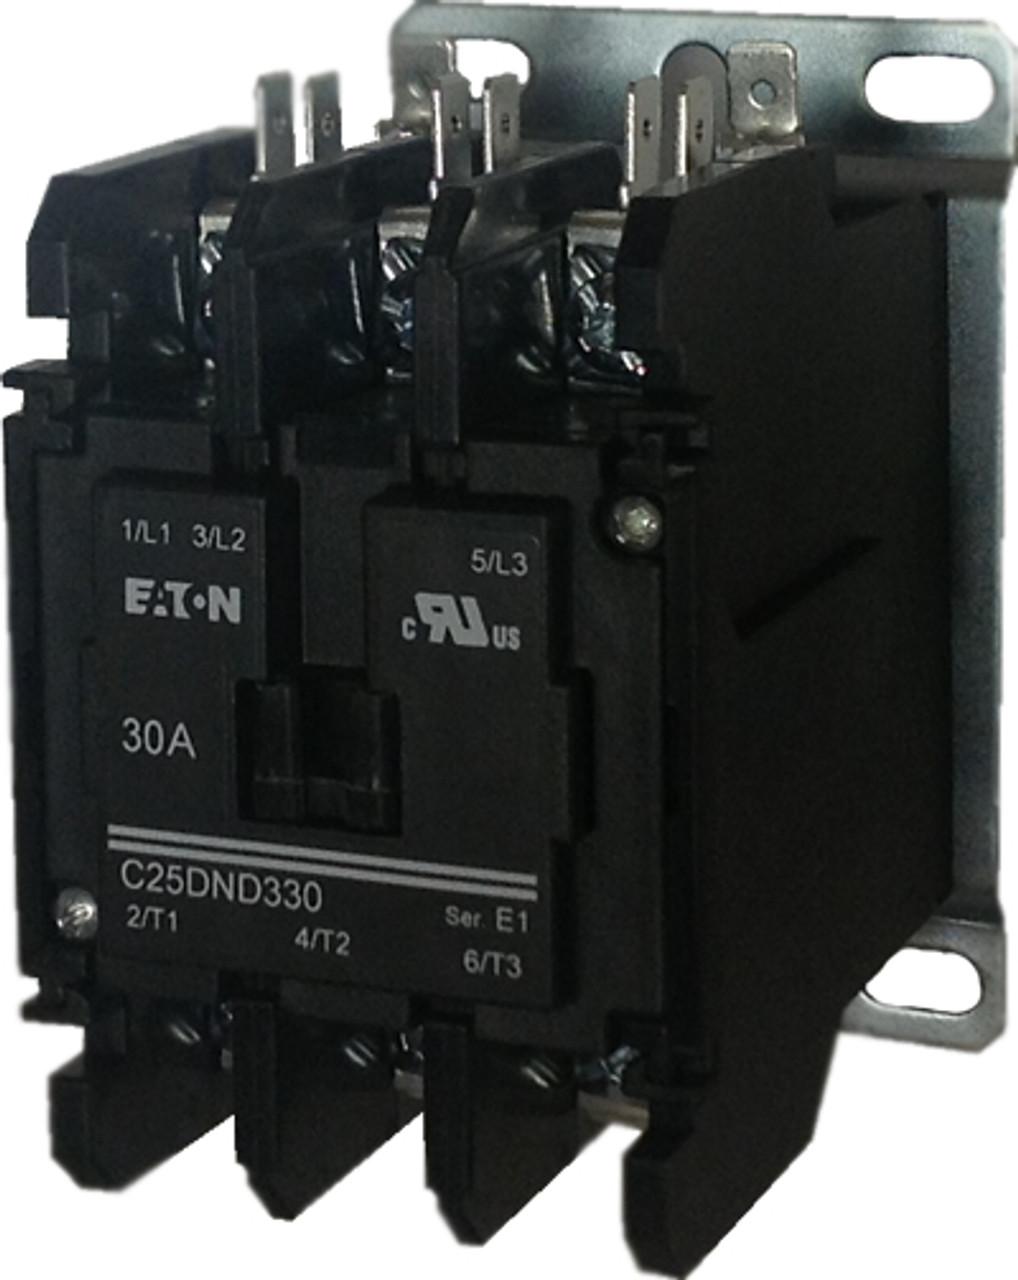 Eaton C25DND330J contactor